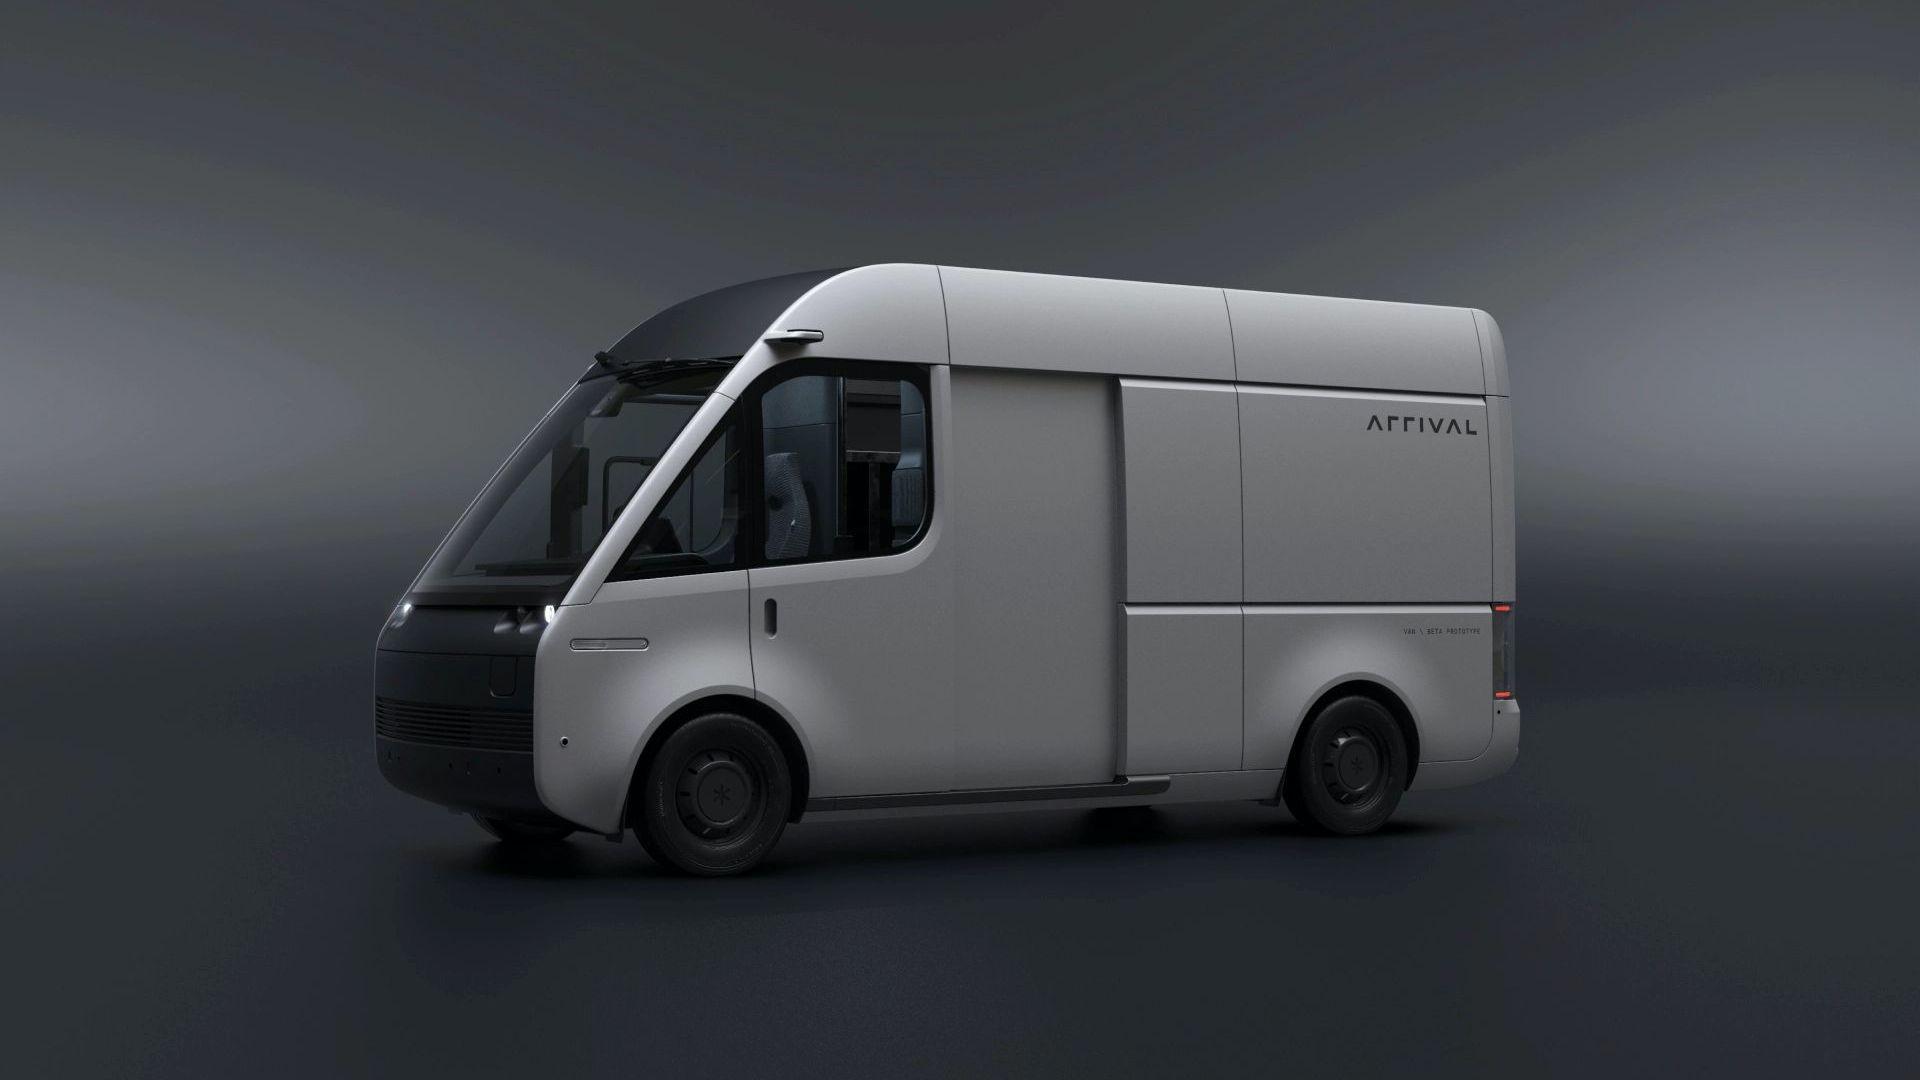 Arrival-Van-prototype-1